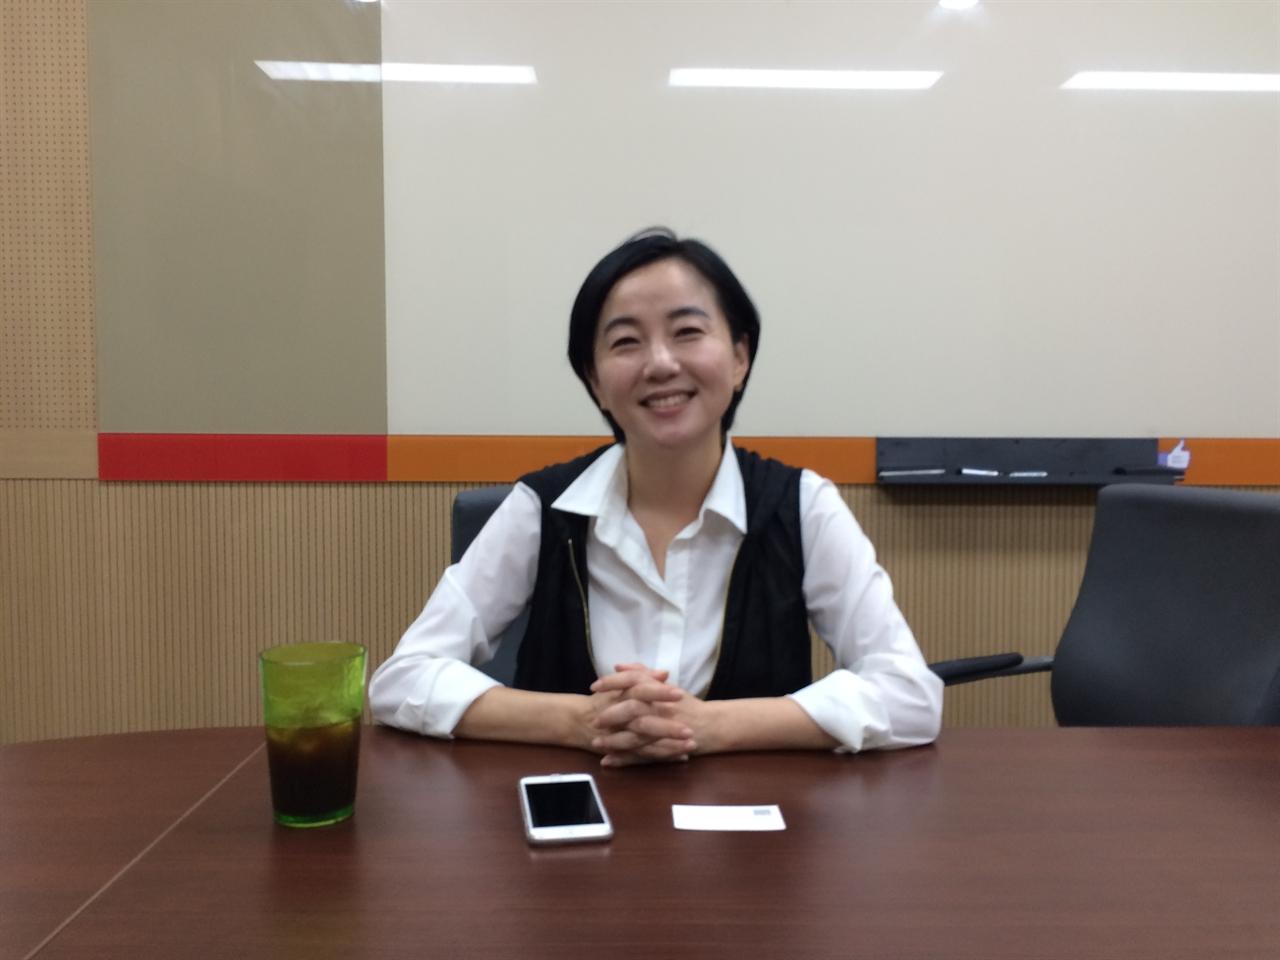 제윤경 에듀머니 대표이사